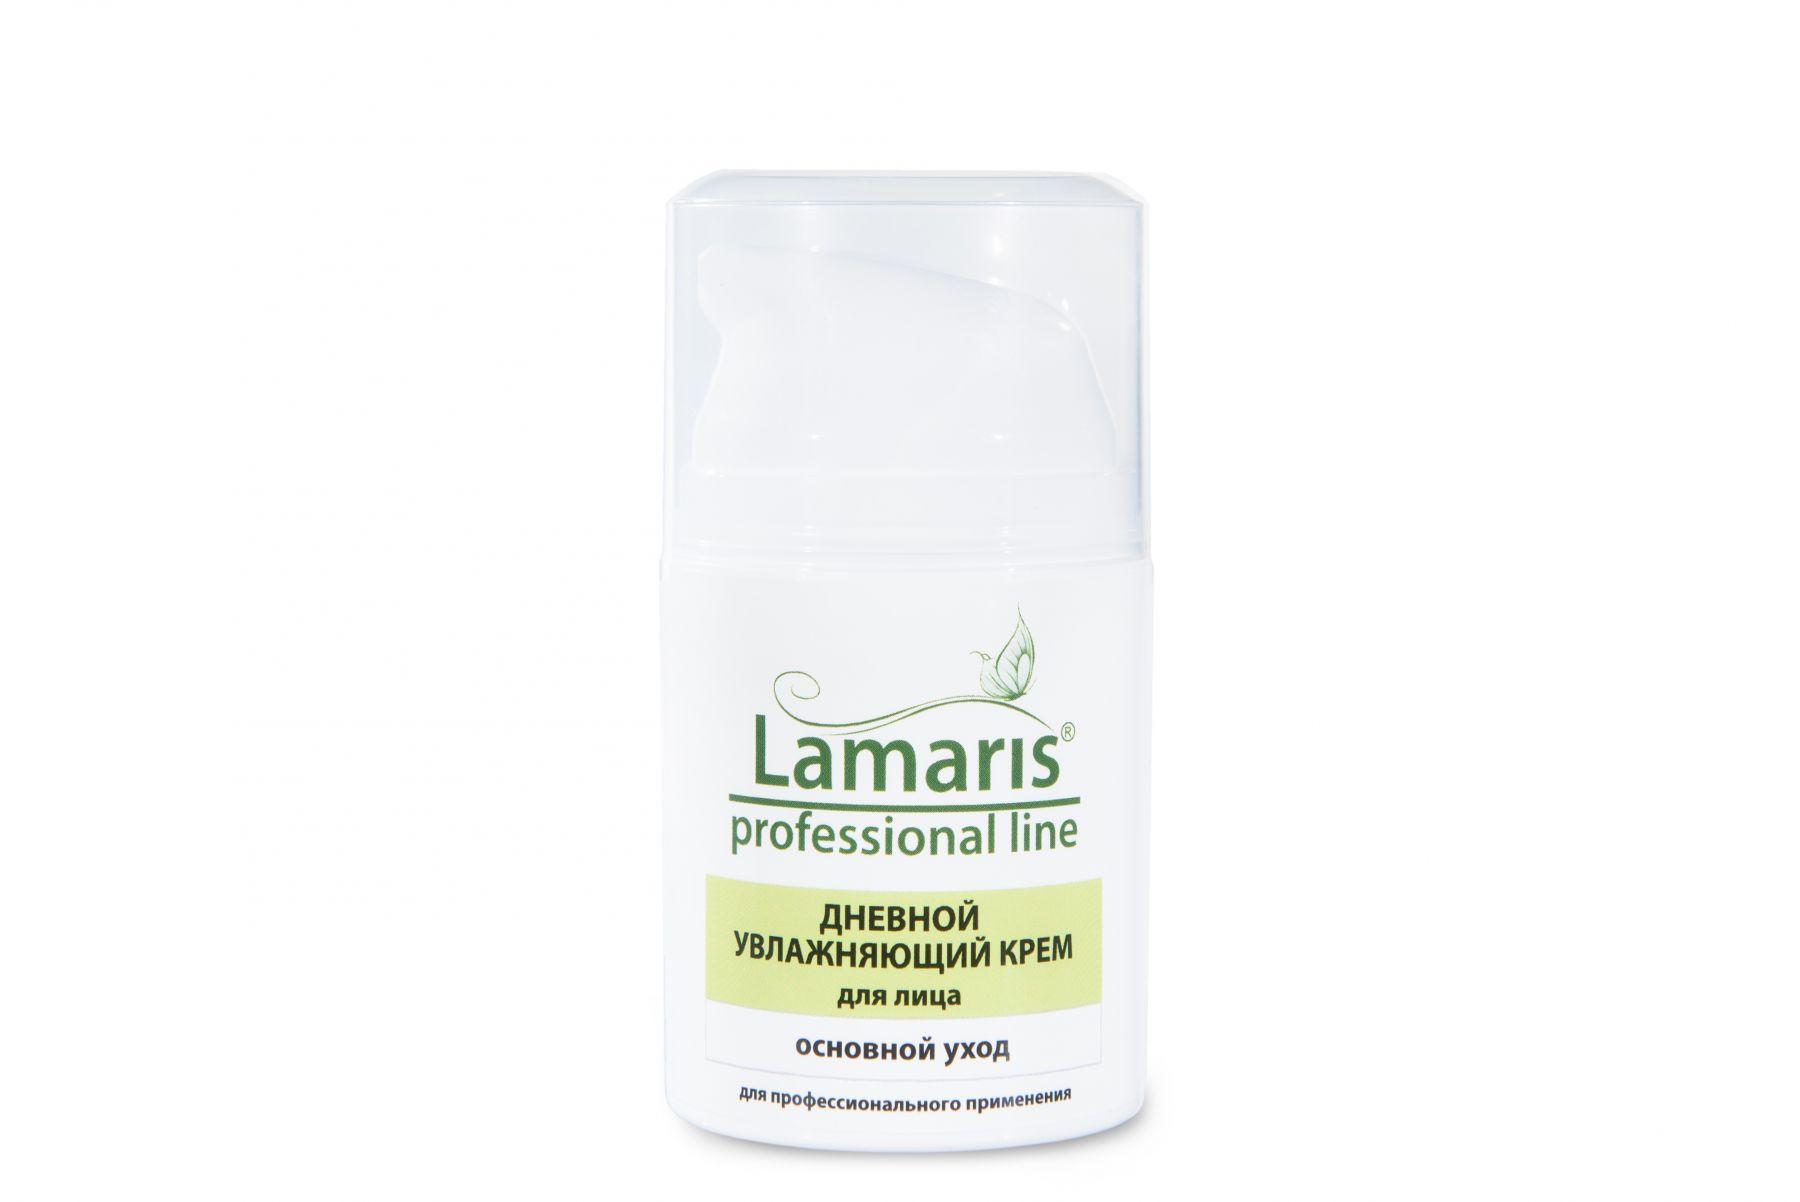 Увлажняющий дневной крем для лица Lamaris - 50, 100 мл